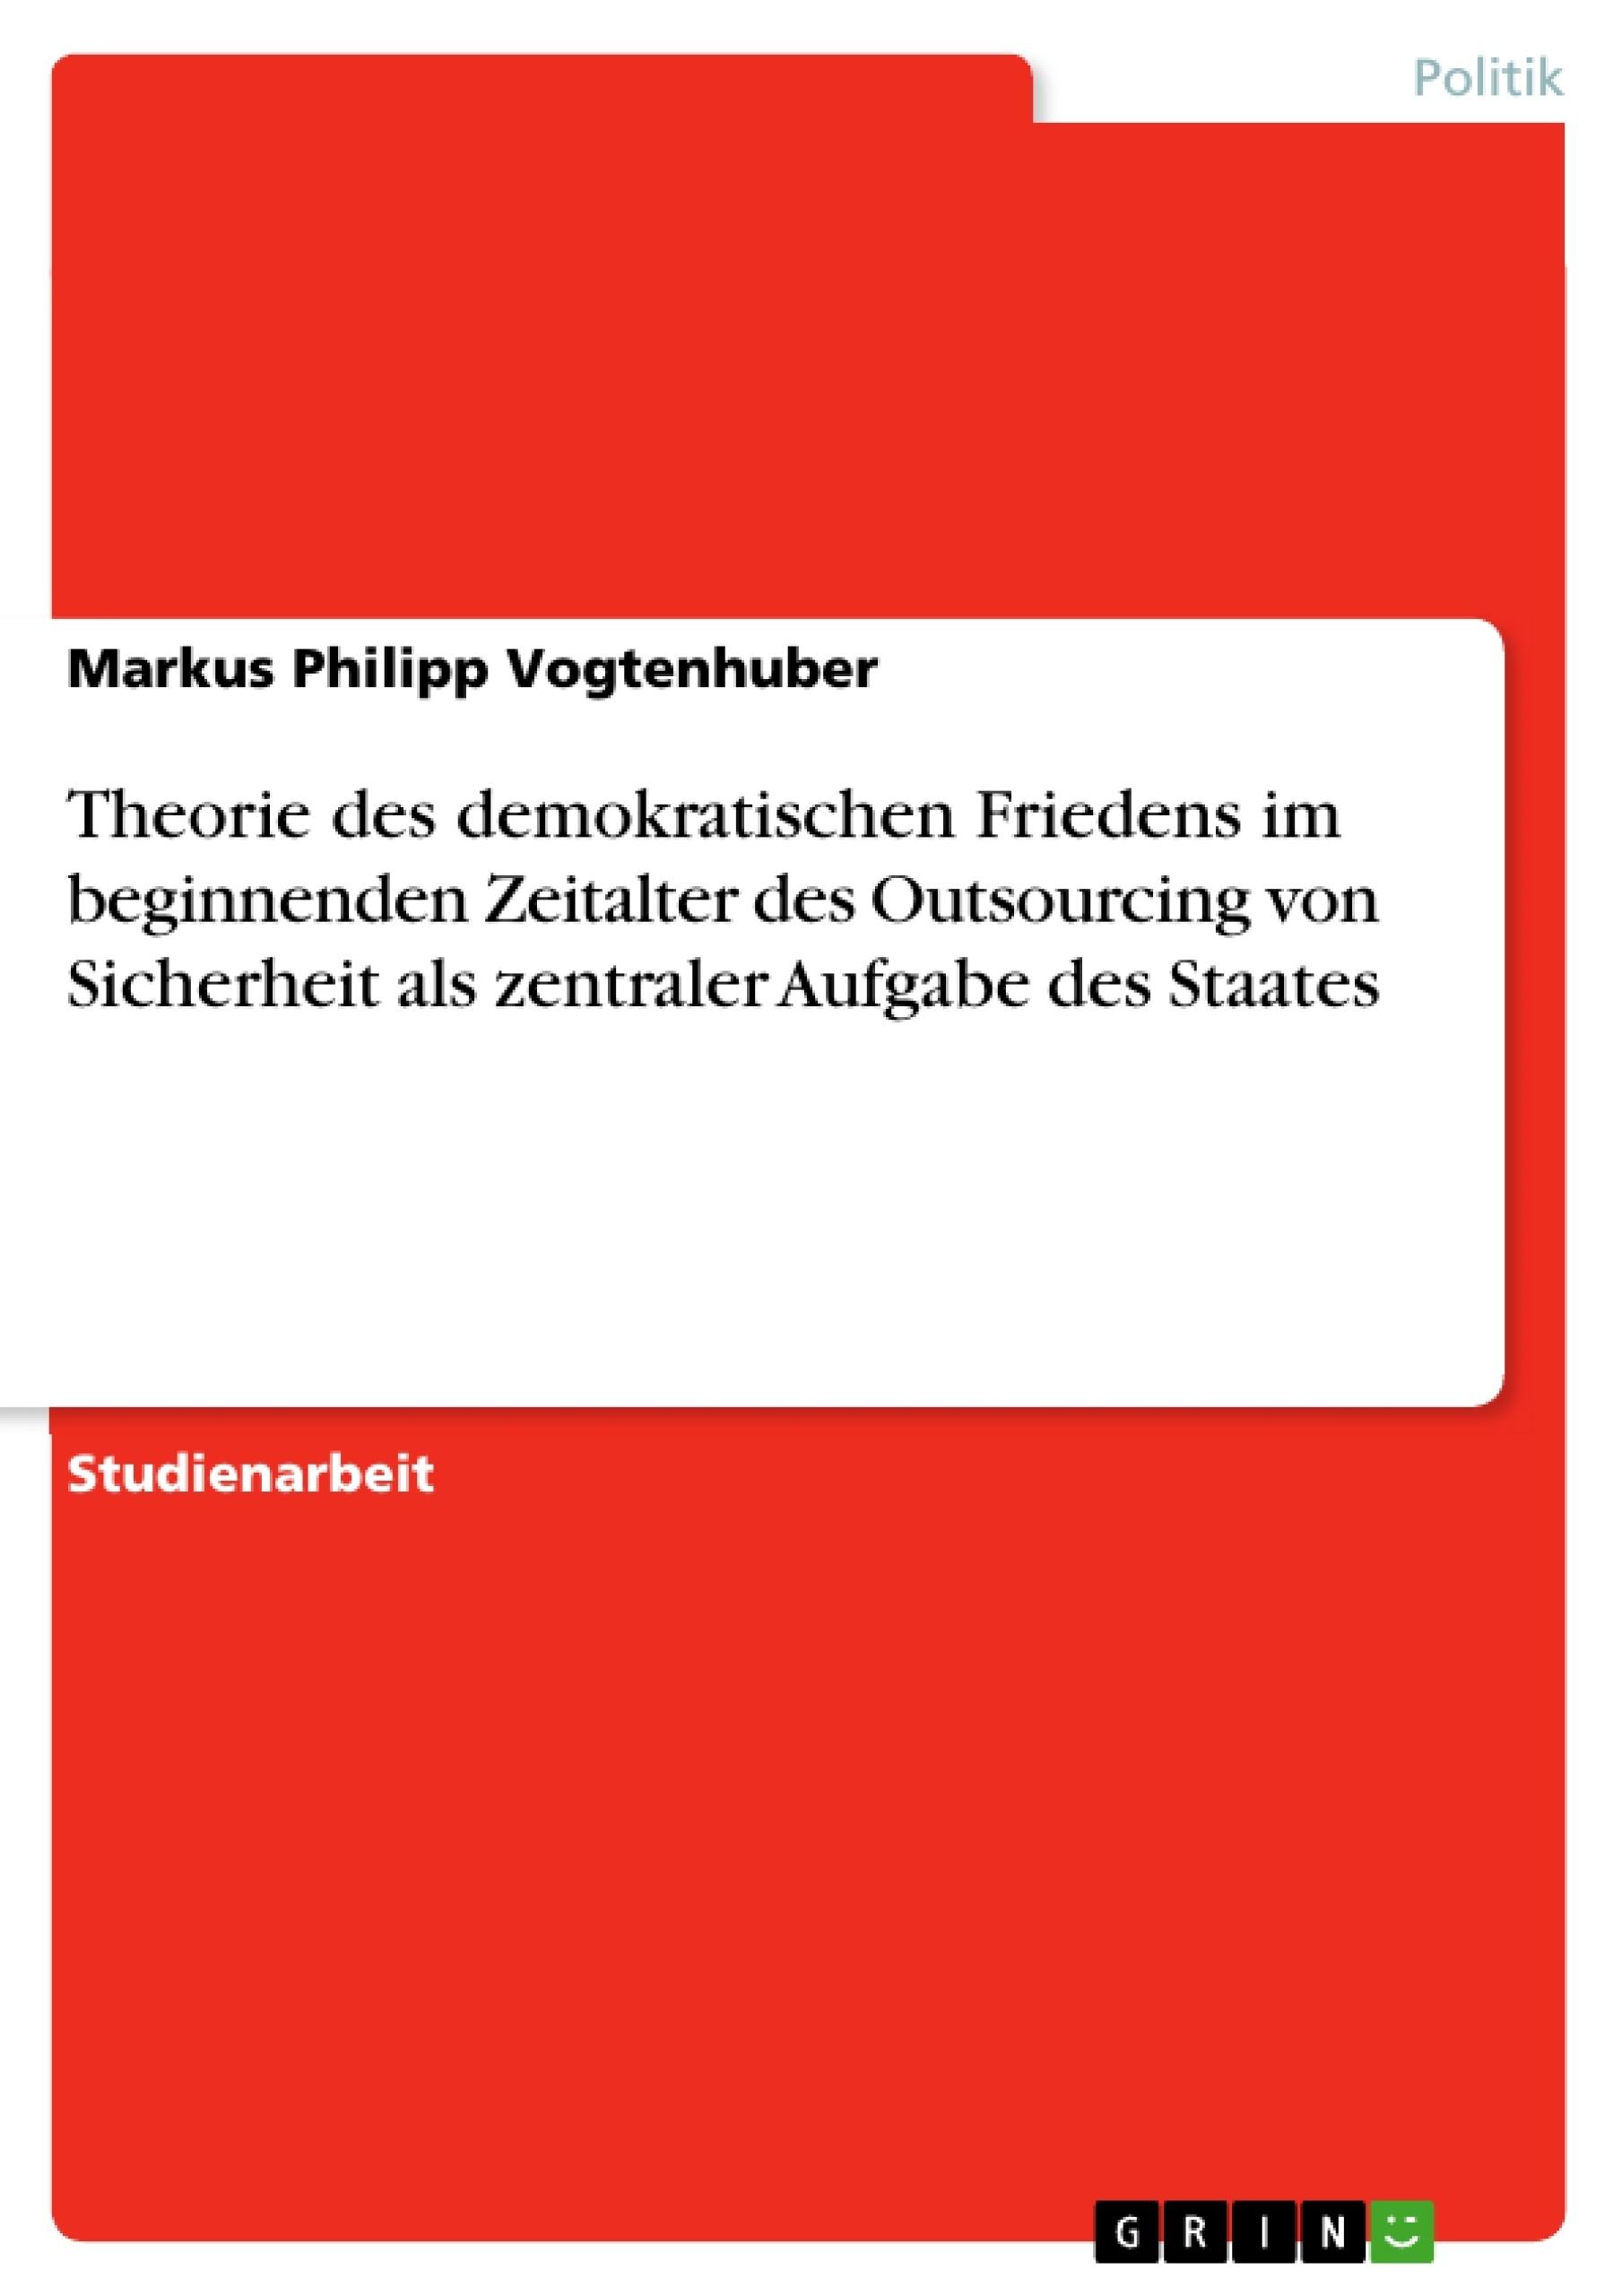 Titel: Theorie des demokratischen Friedens im beginnenden Zeitalter des Outsourcing von Sicherheit als zentraler Aufgabe des Staates